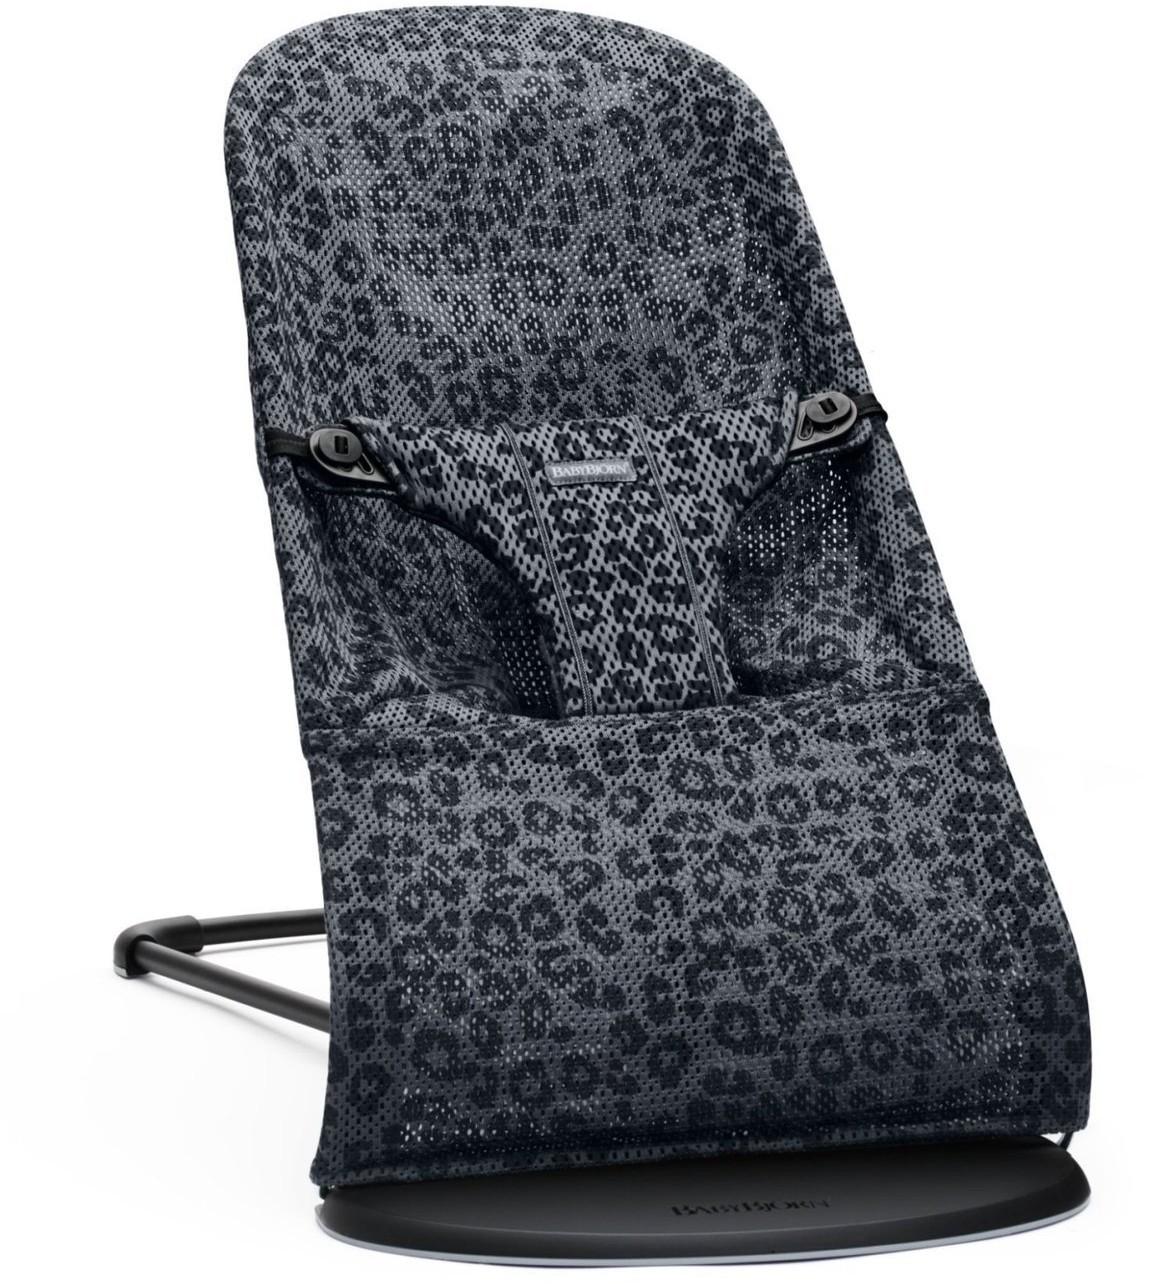 BABYBJORN leżaczek BLISS MESH - Antracytowy/Leopard scandinavian-baby-9381-0